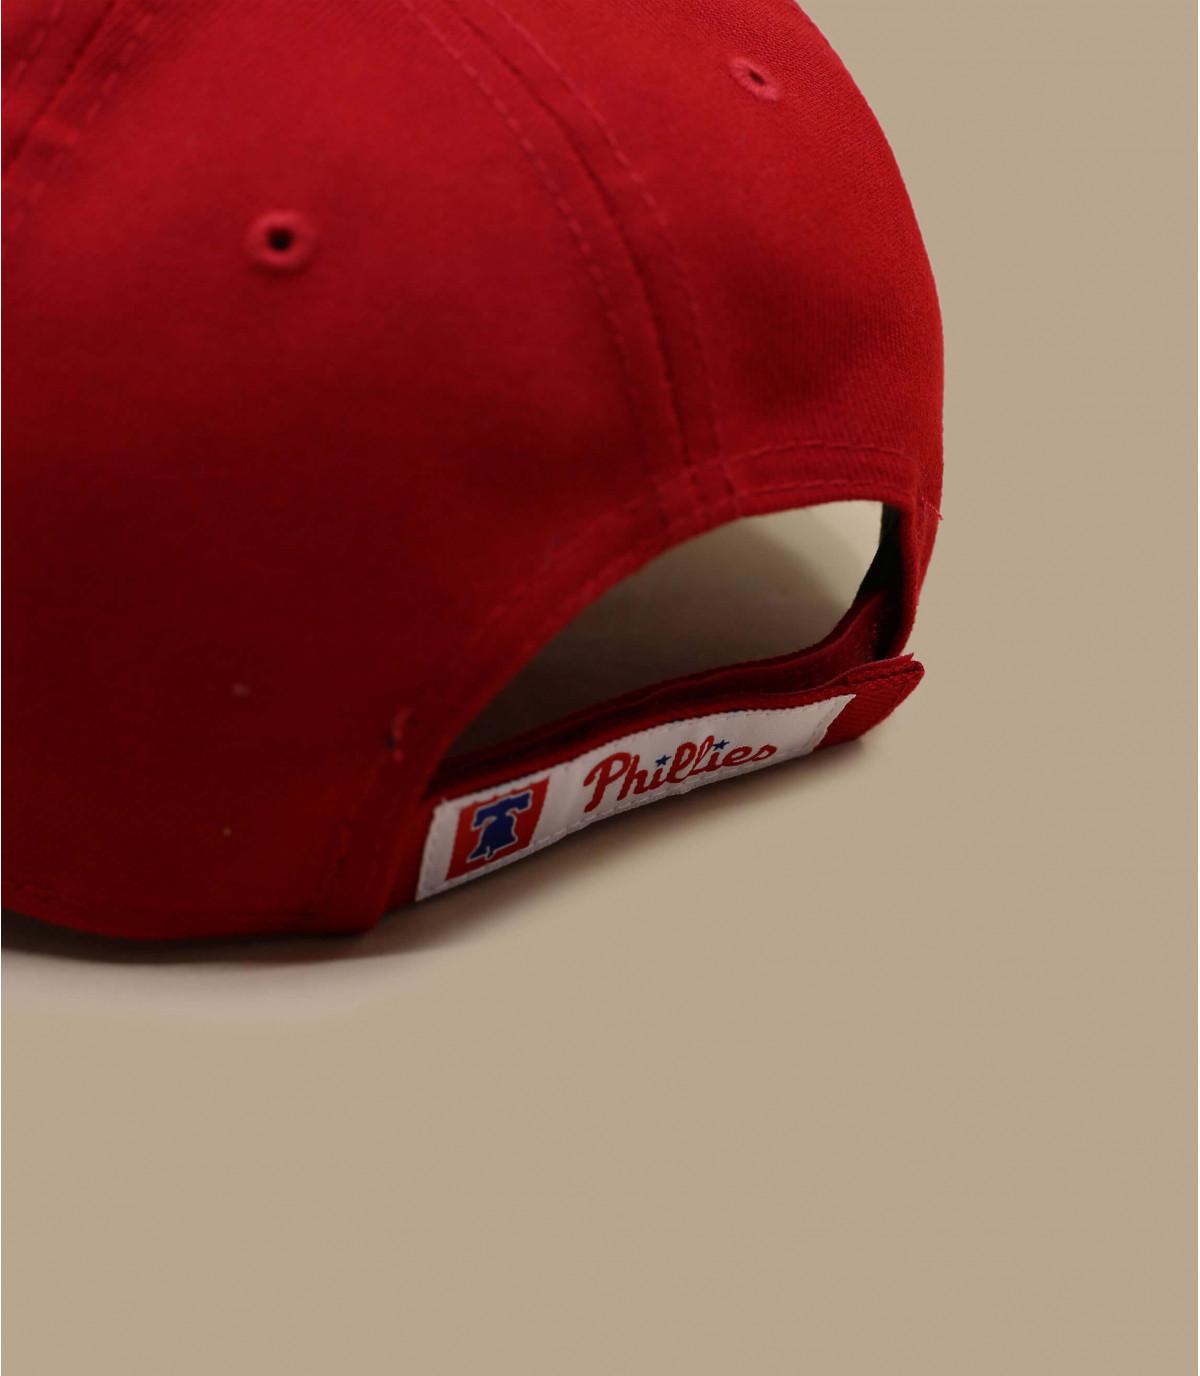 1b4a163986e Cap P rot - Cap Phillies MLB The League von New Era. Headict